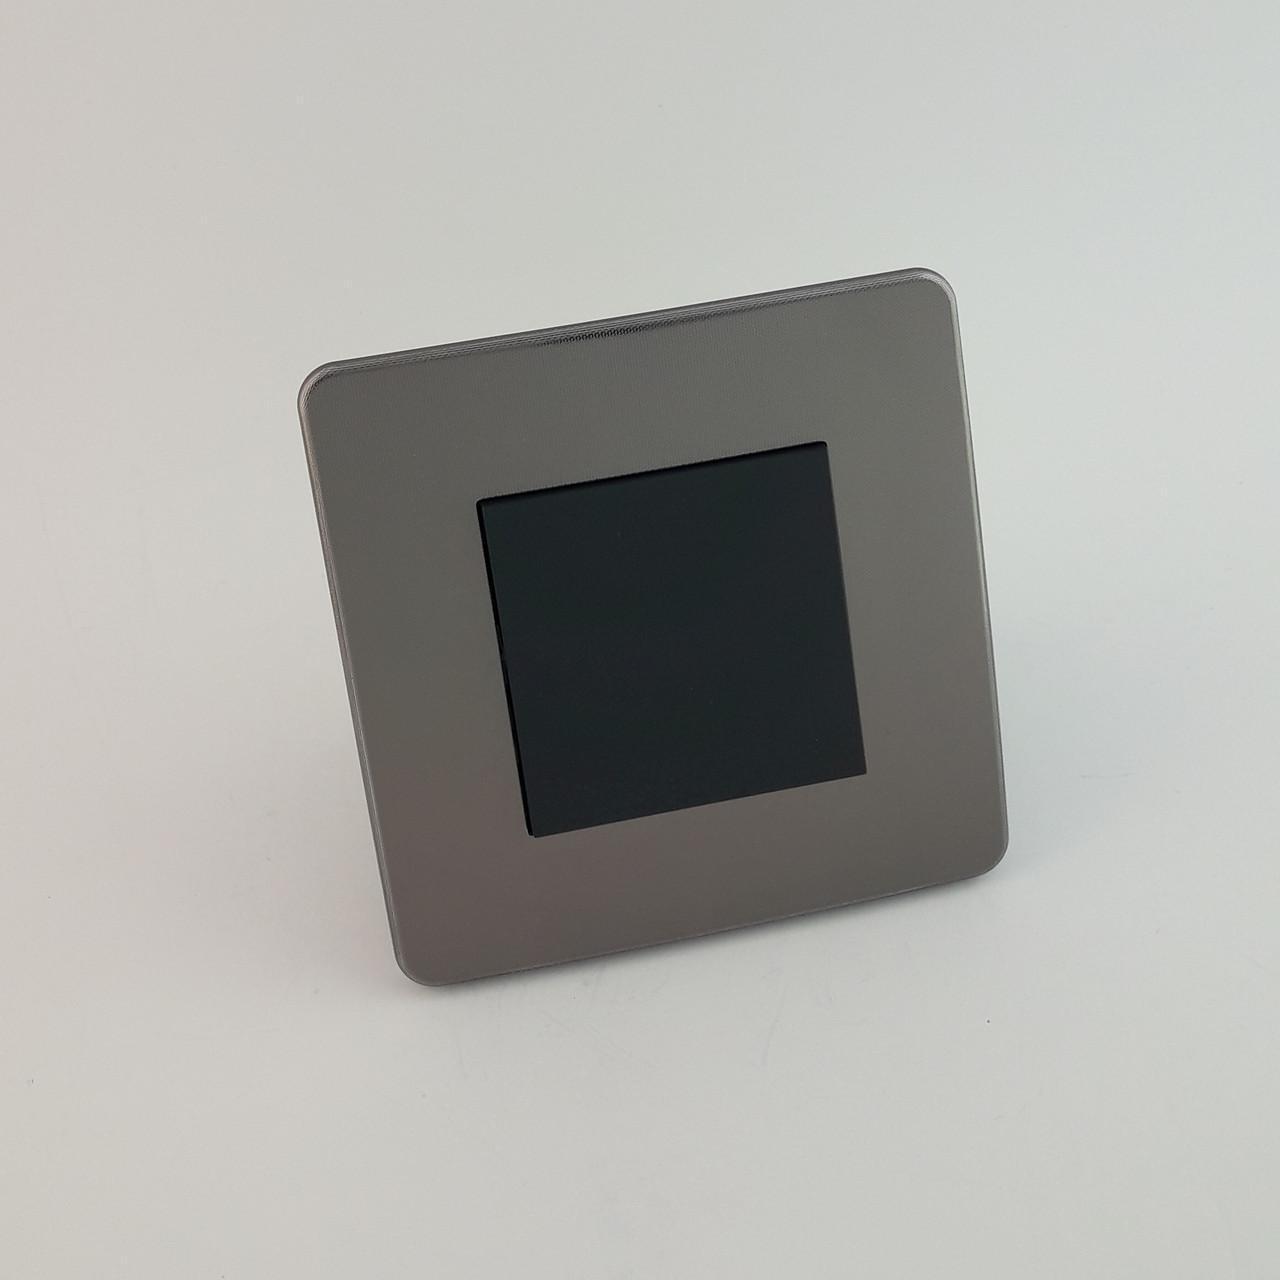 Рамка 3 постовая Studio Color, никель/антрацит, 3х2 модуля